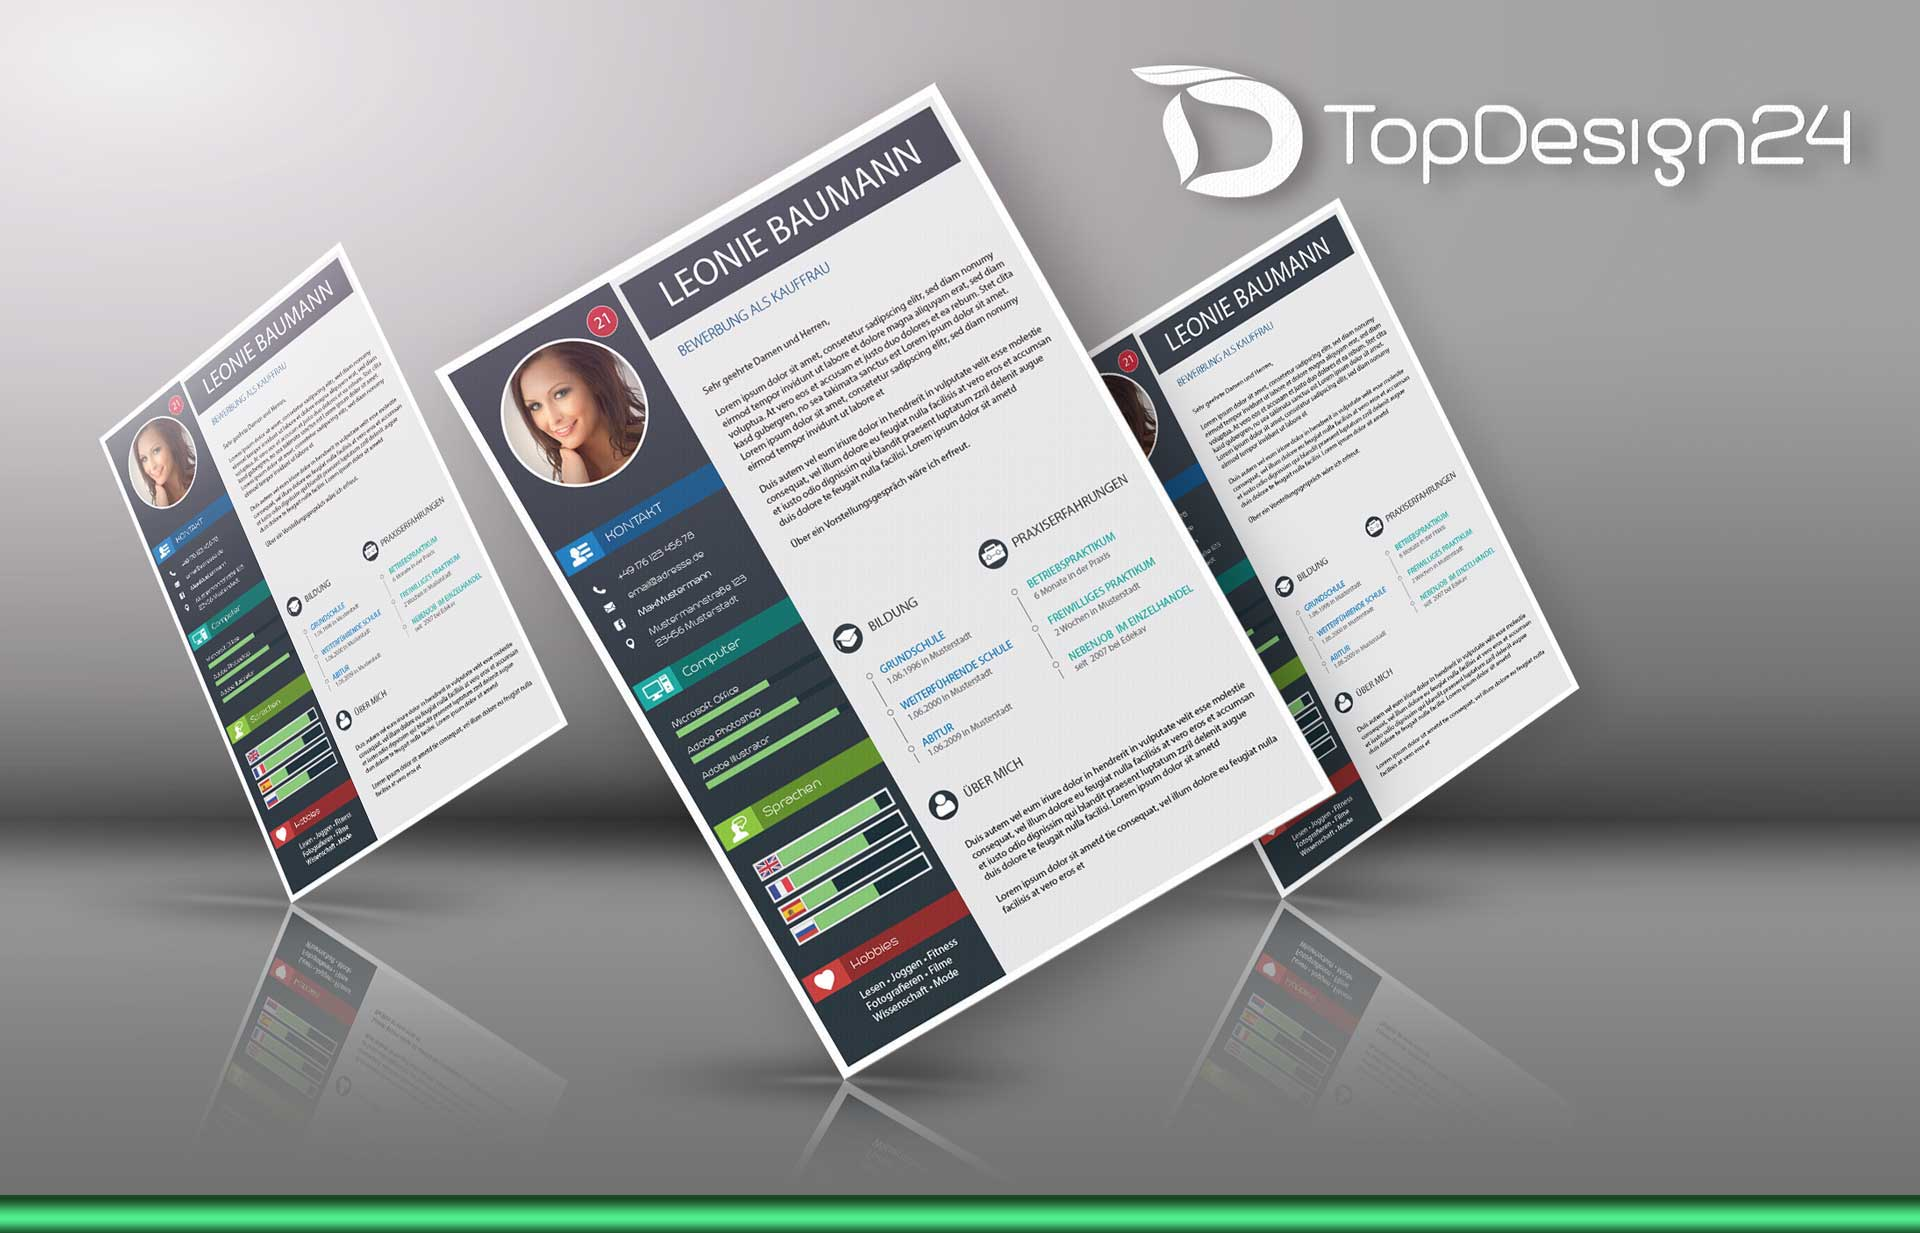 Bewerbung Servicekraft -TopDesign24- Vorlagen nach Wahl